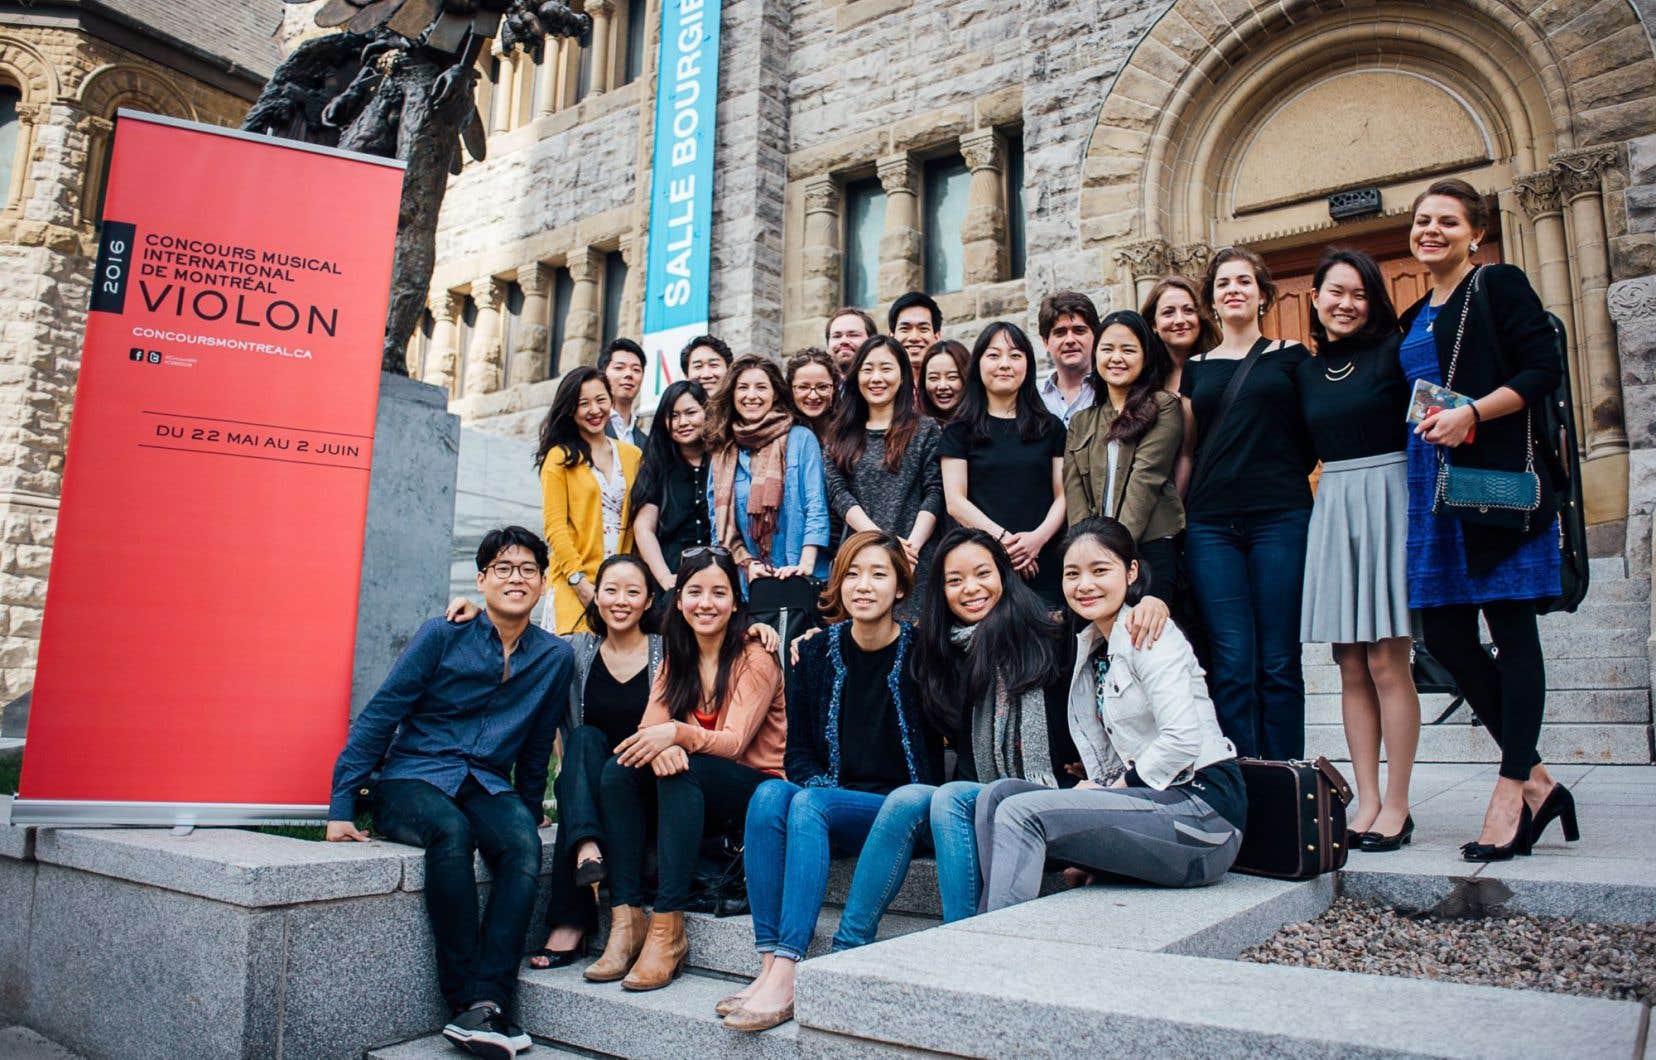 Les participants au 15eConcours musical international de Montréal